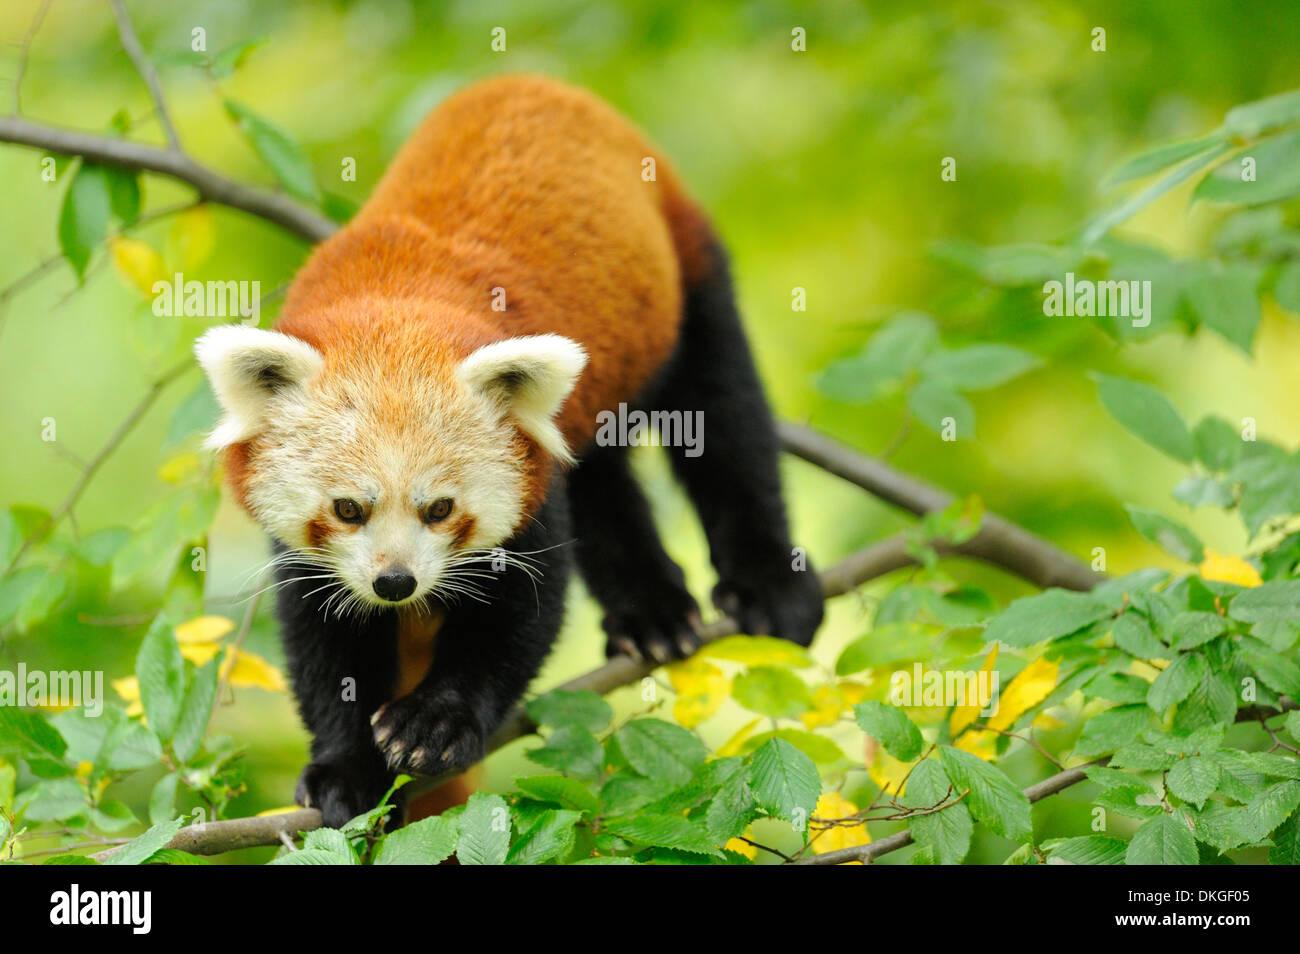 Le panda rouge (Ailurus fulgens) dans un arbre Banque D'Images